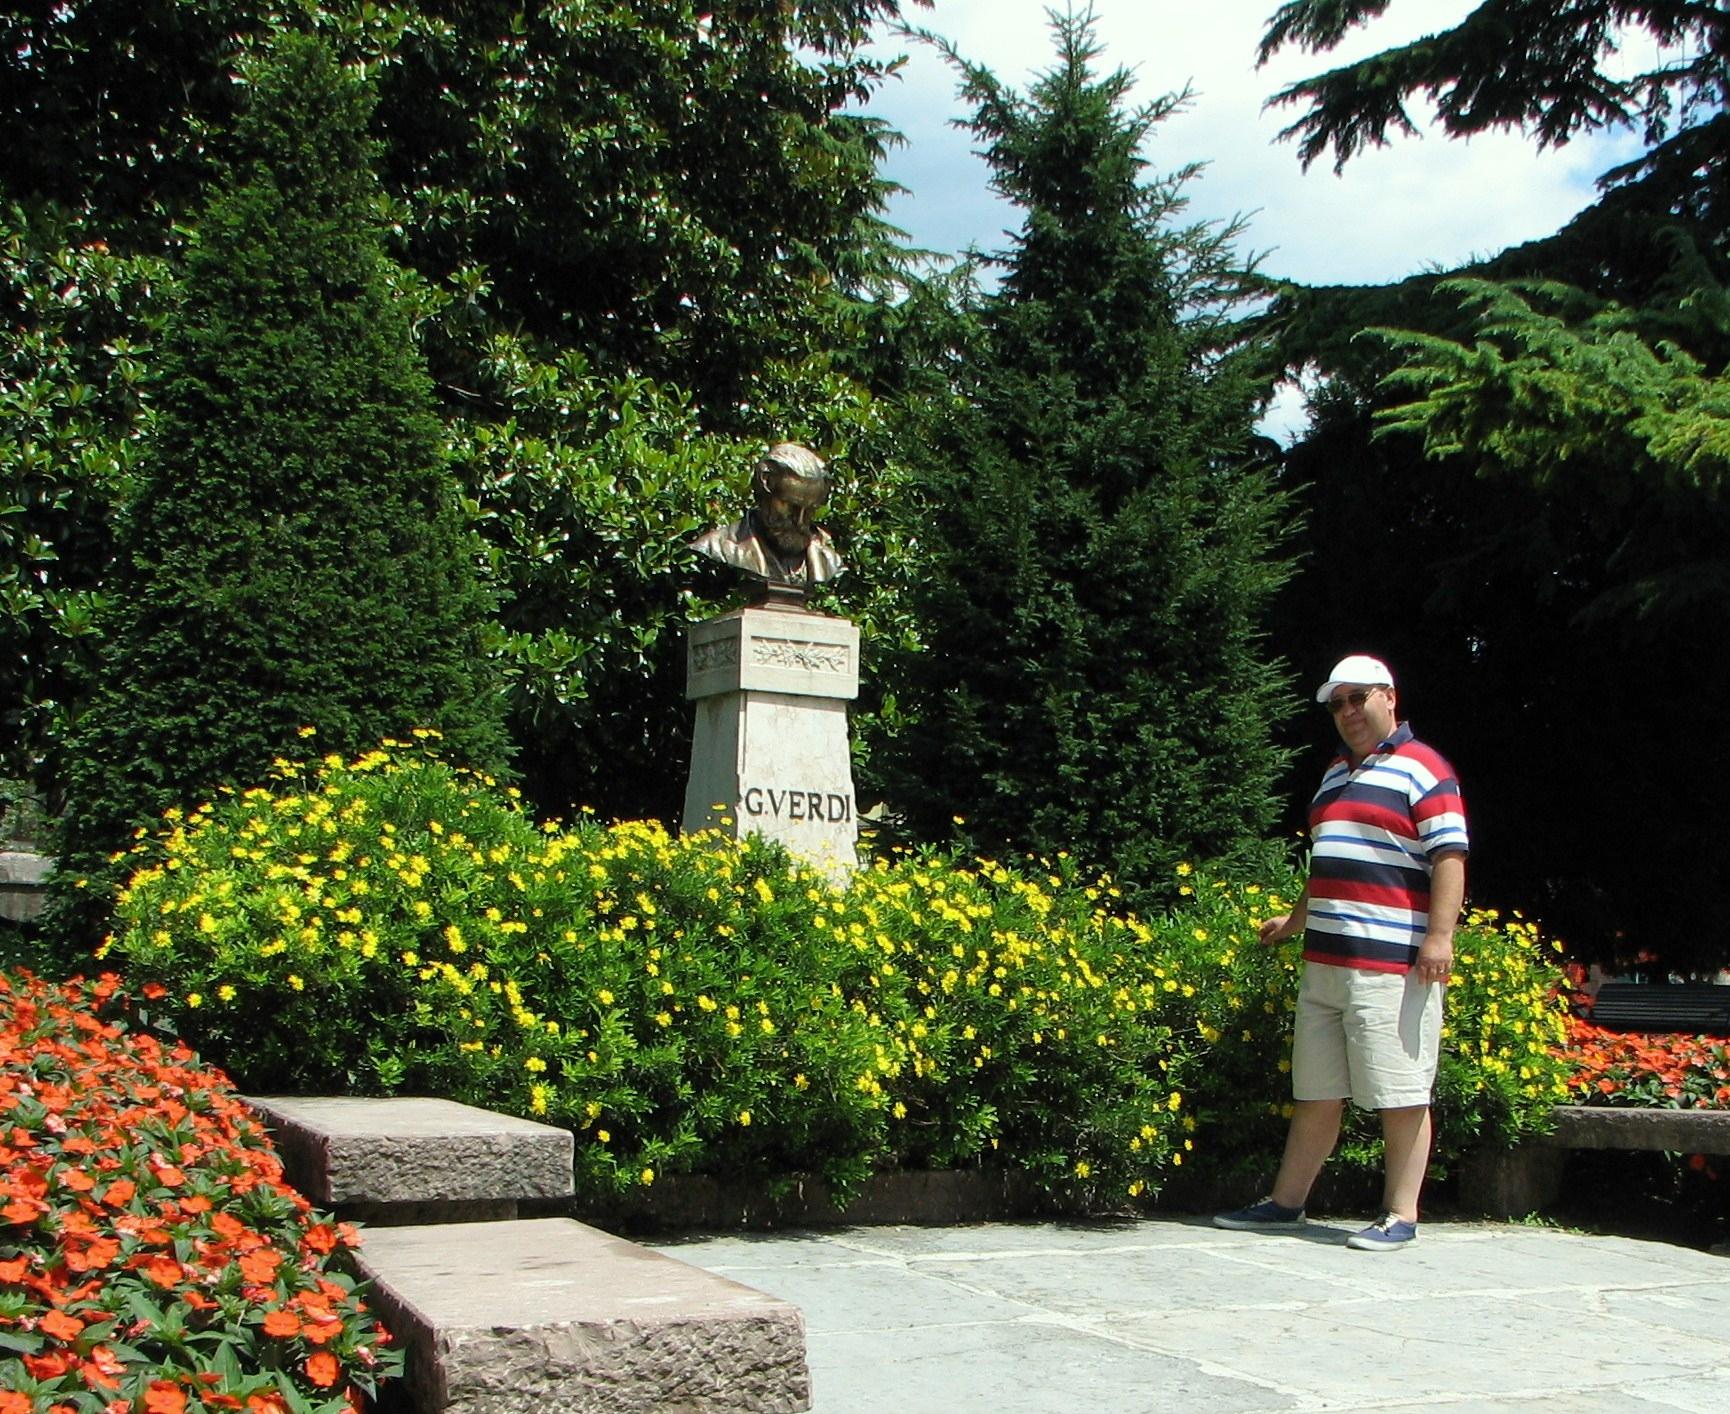 Я у памятника великому композитору г.Рива, северная Италия - 2007